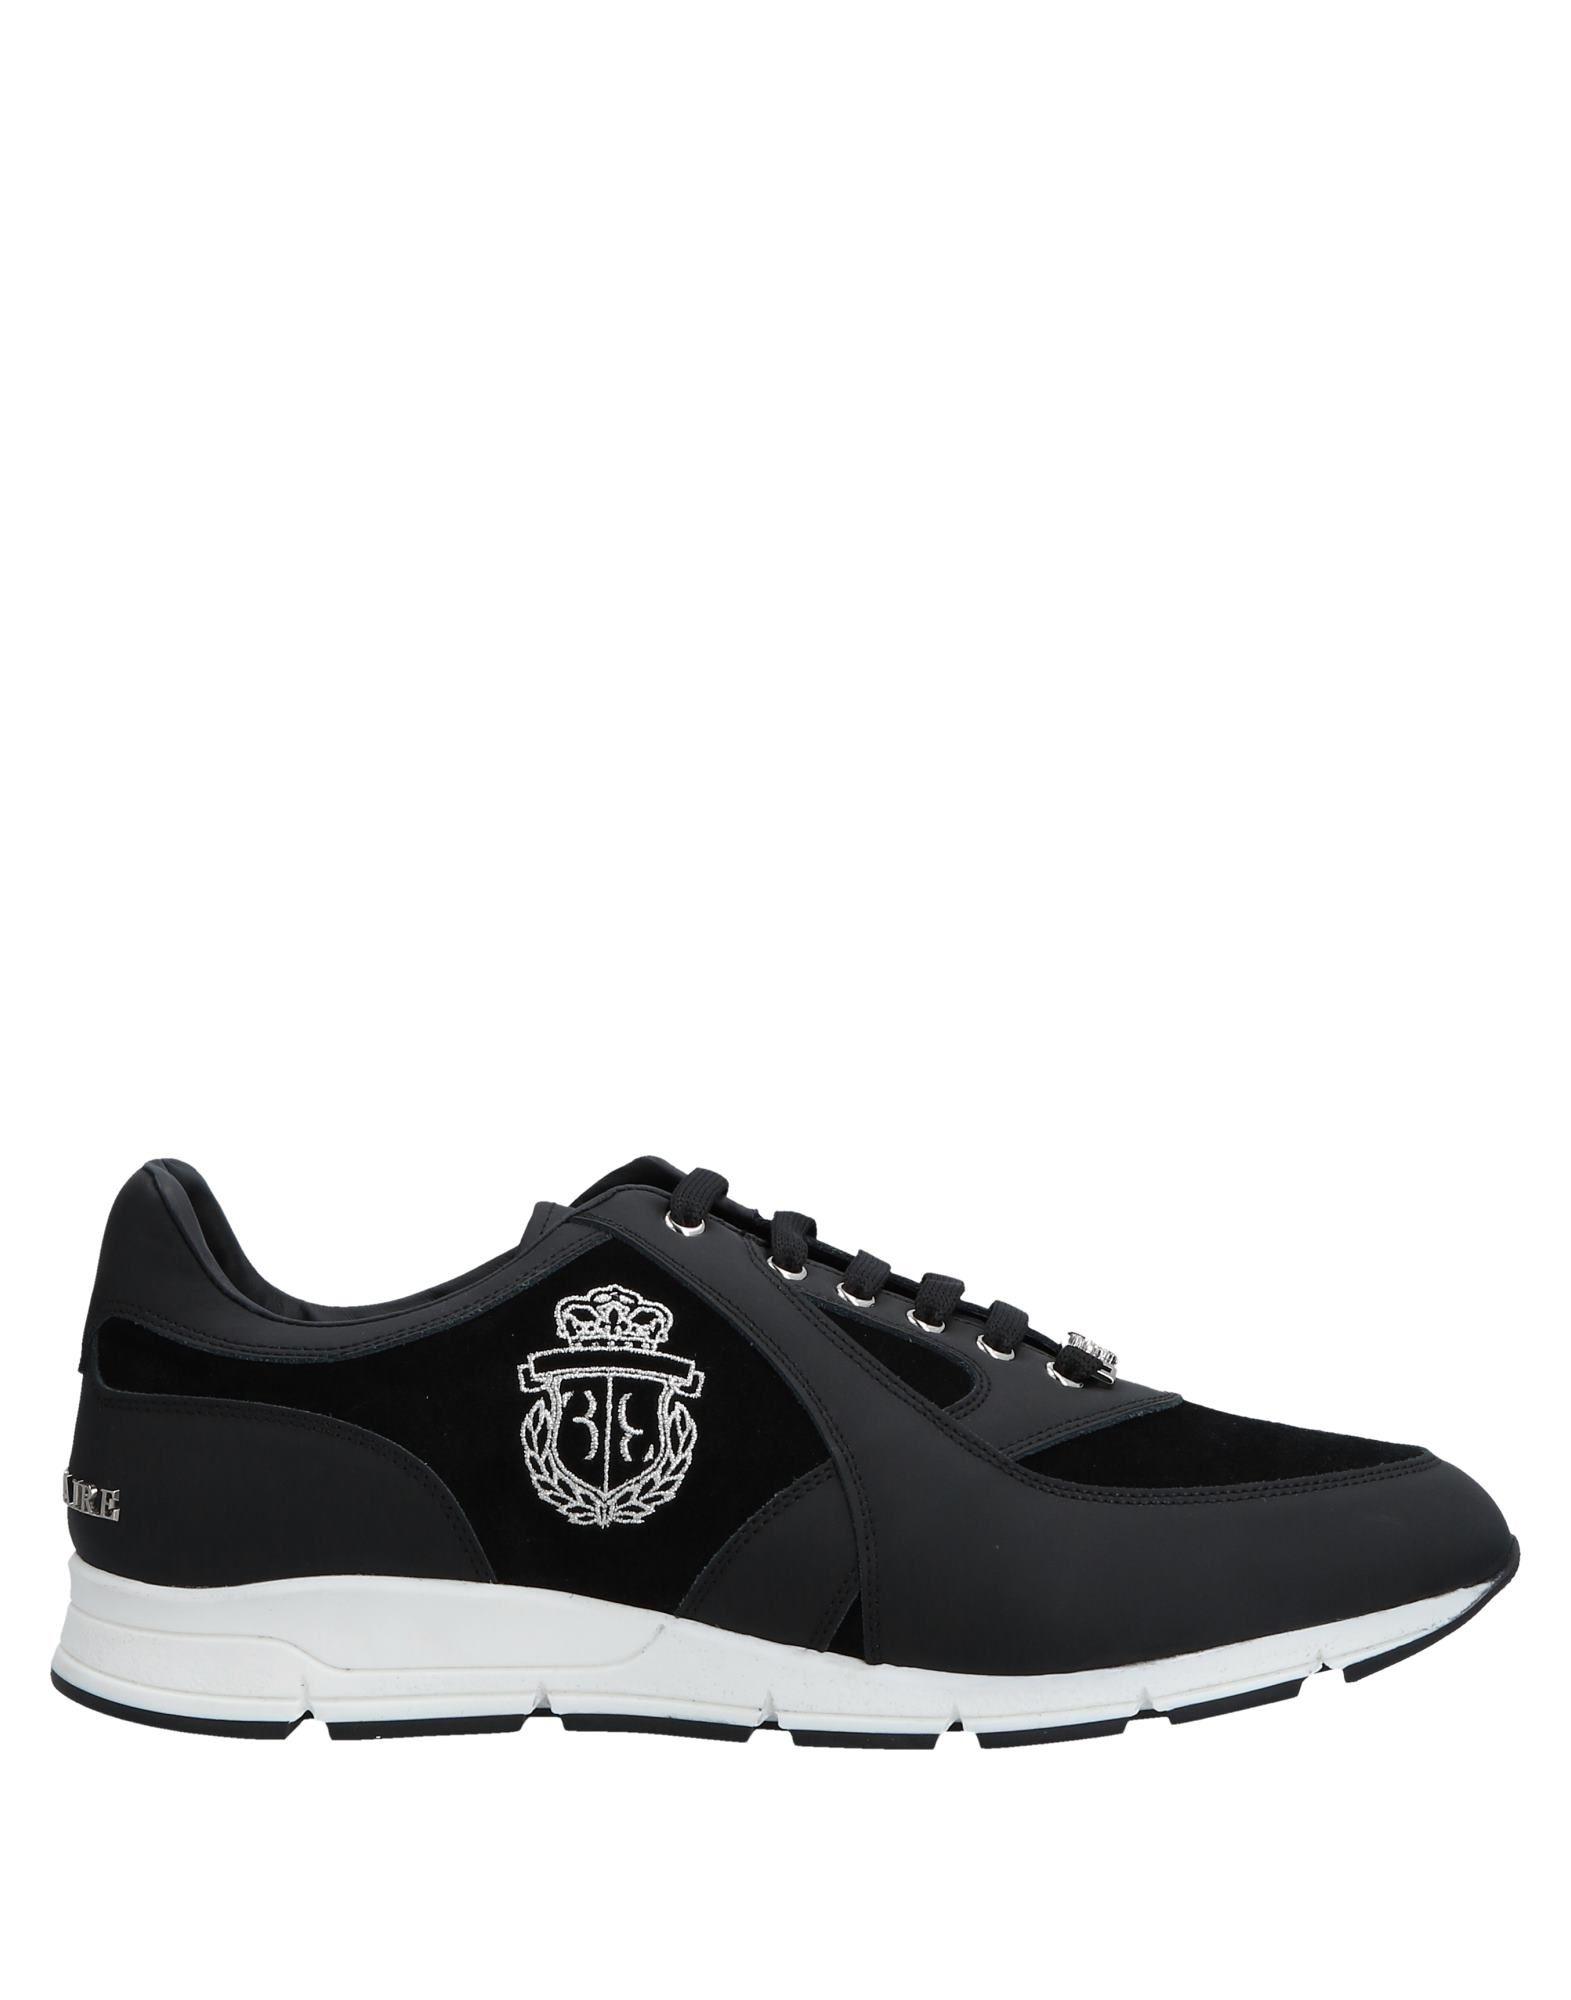 Sneakers Billionaire Uomo - 11530584WJ Scarpe economiche e buone